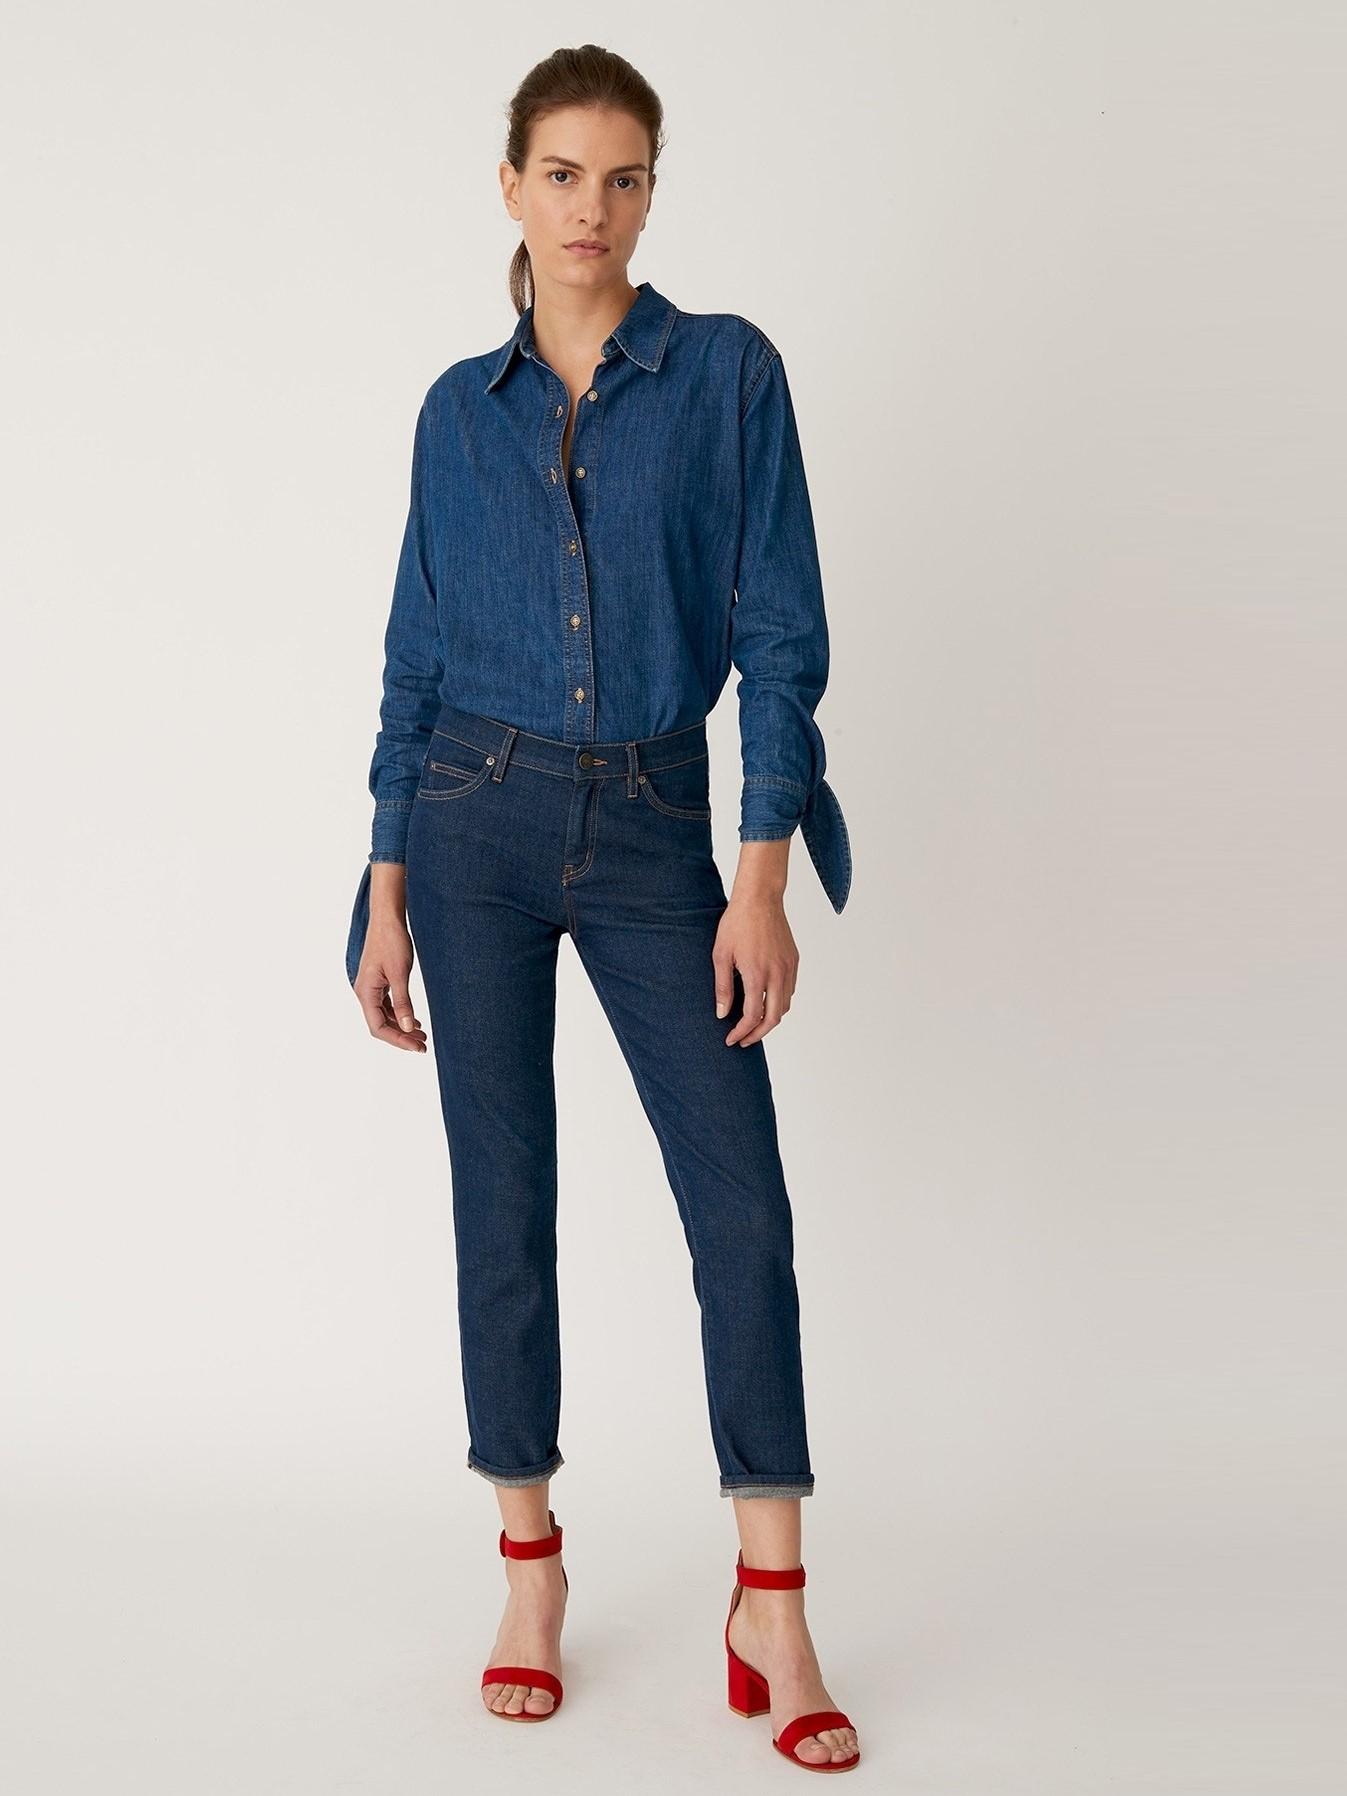 Джинсы MiH Jeans ASA030920-1 Синий Free Style